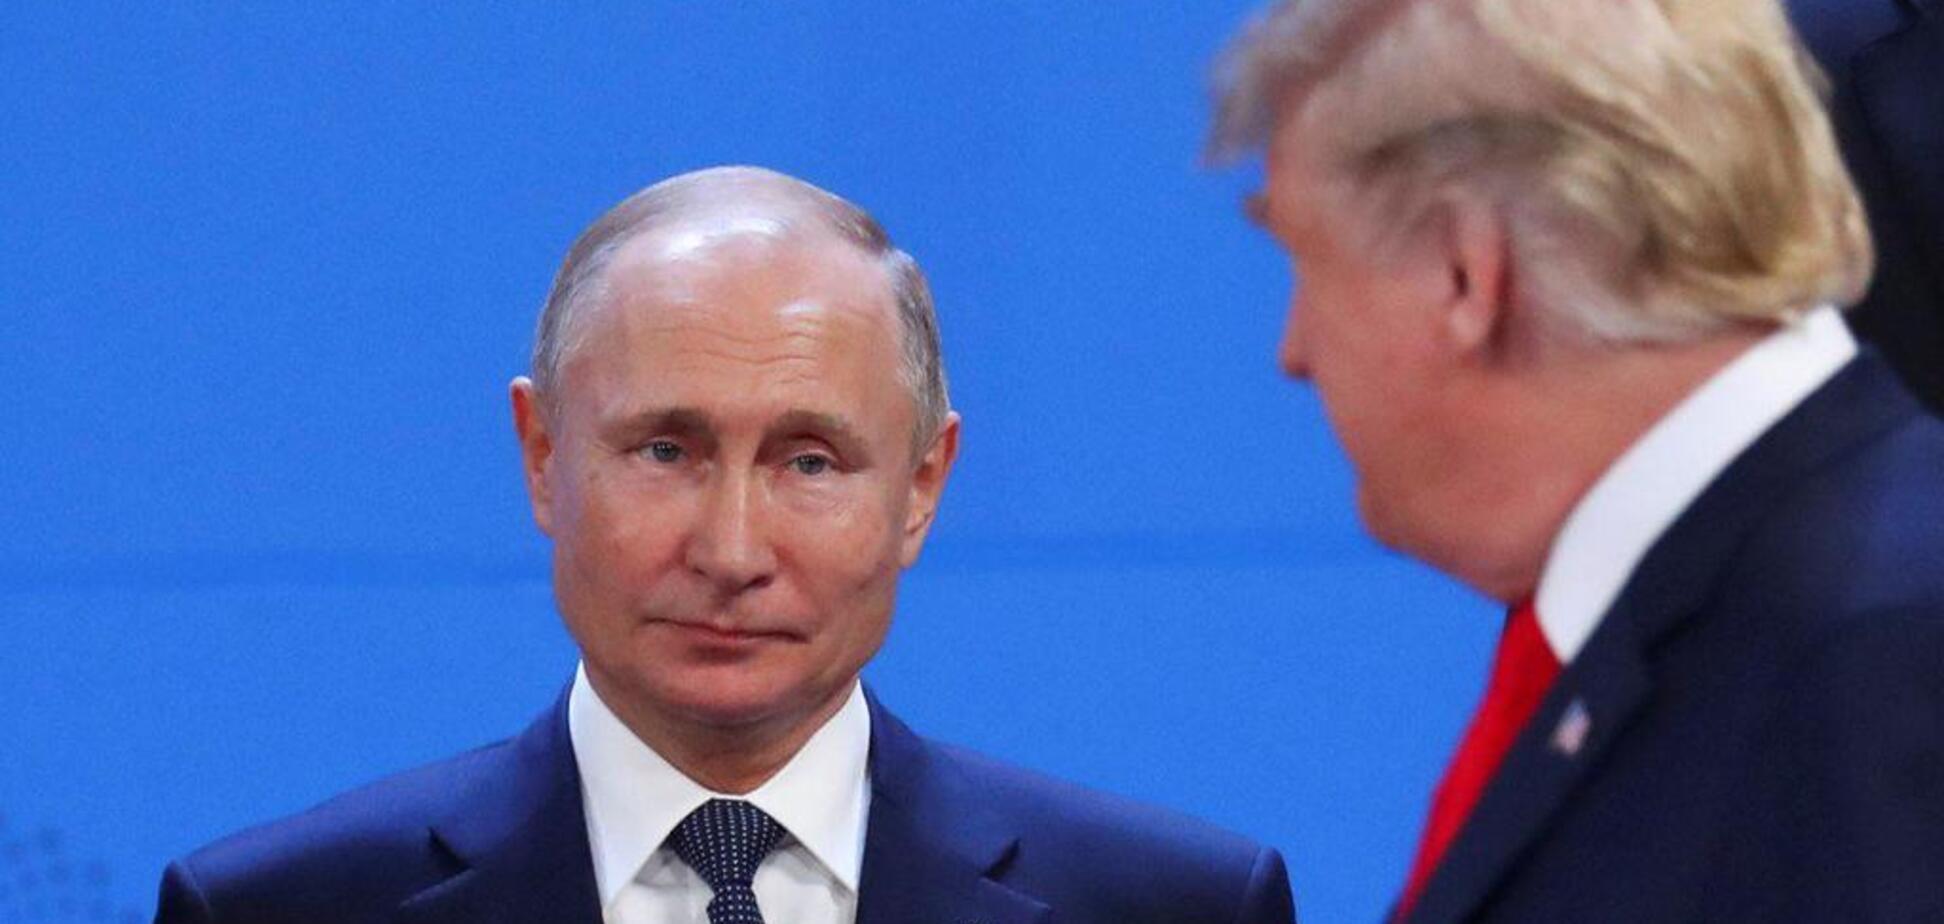 ''Контакт был'': в Кремле заявили о переговорах Путина и Трампа